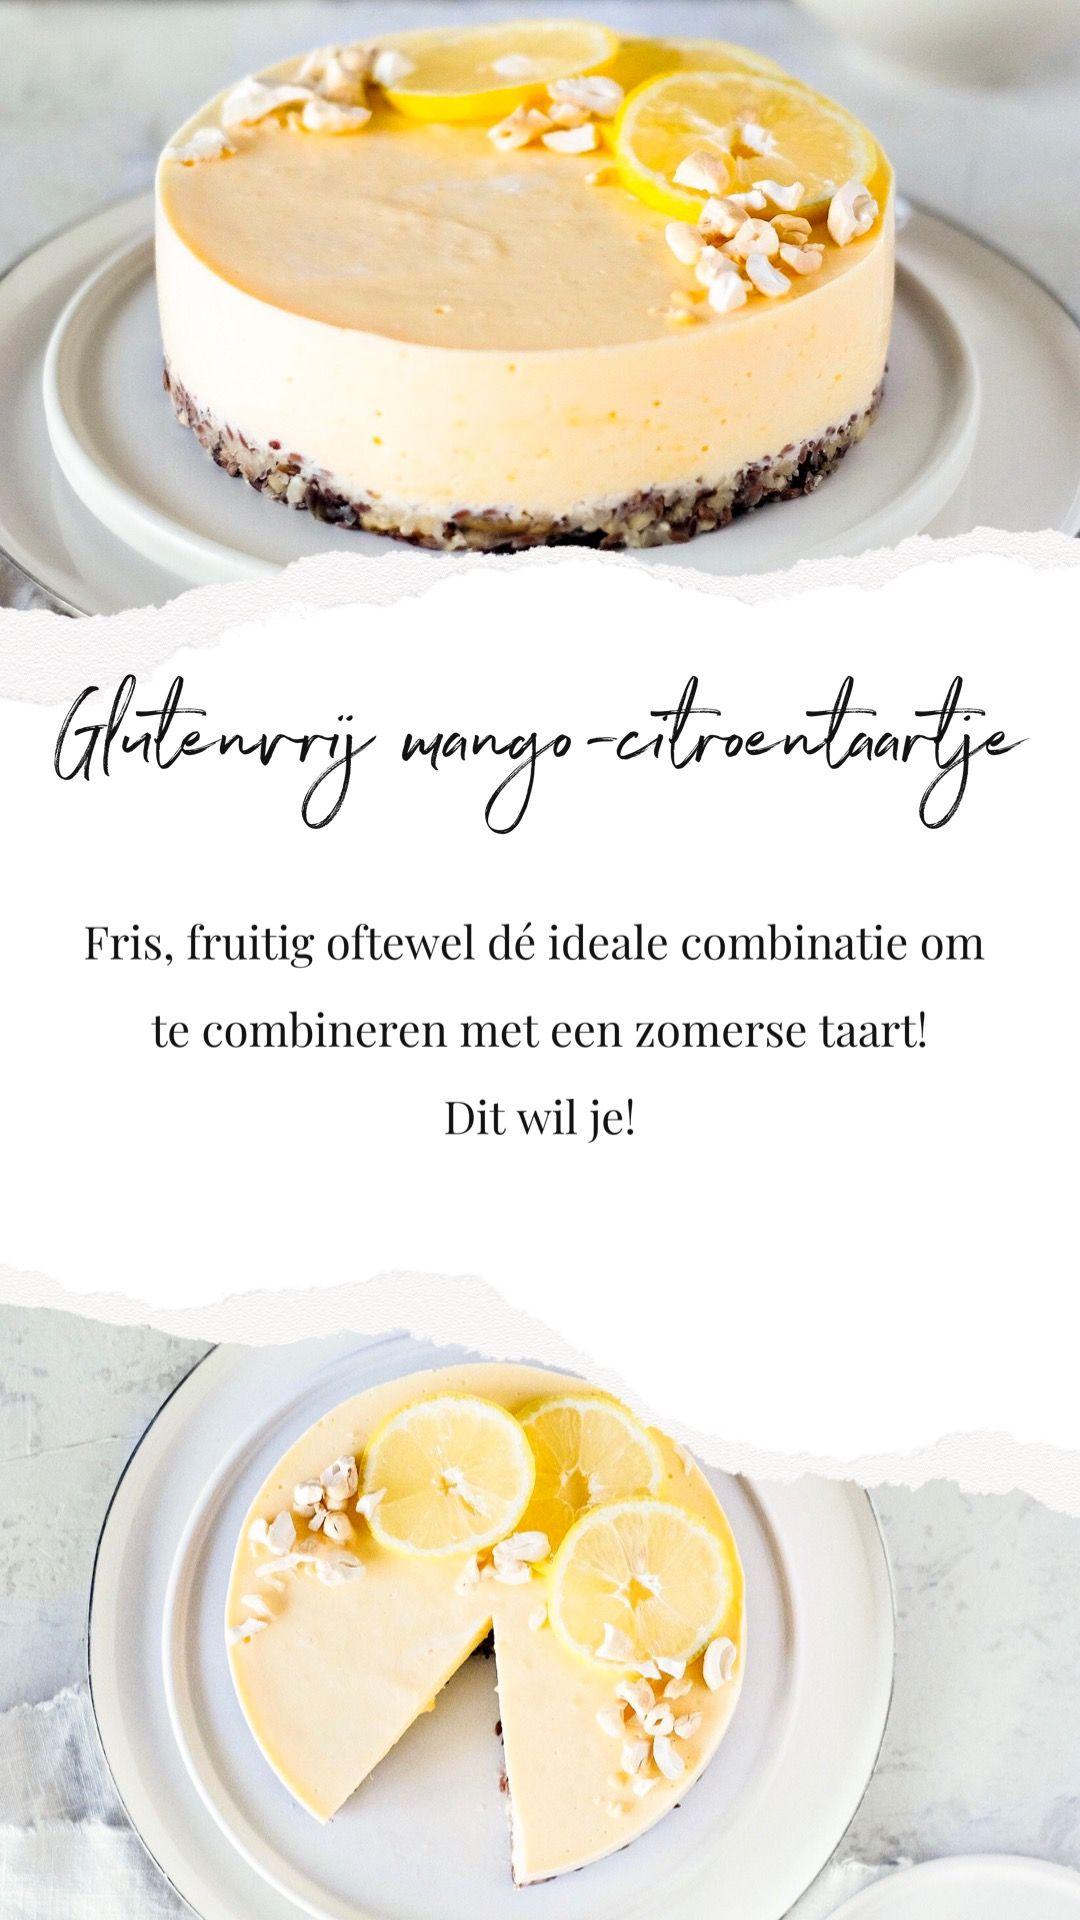 Glutenvrij mangocitroentaartje voor iedere dag! is part of Cake recipes - Een glutenvrij mangocitroentaartje om bij weg te dromen! Een wereldcombinatie, voedzaam, zomers én lactosevrij  Gezond genieten voor iedereen!